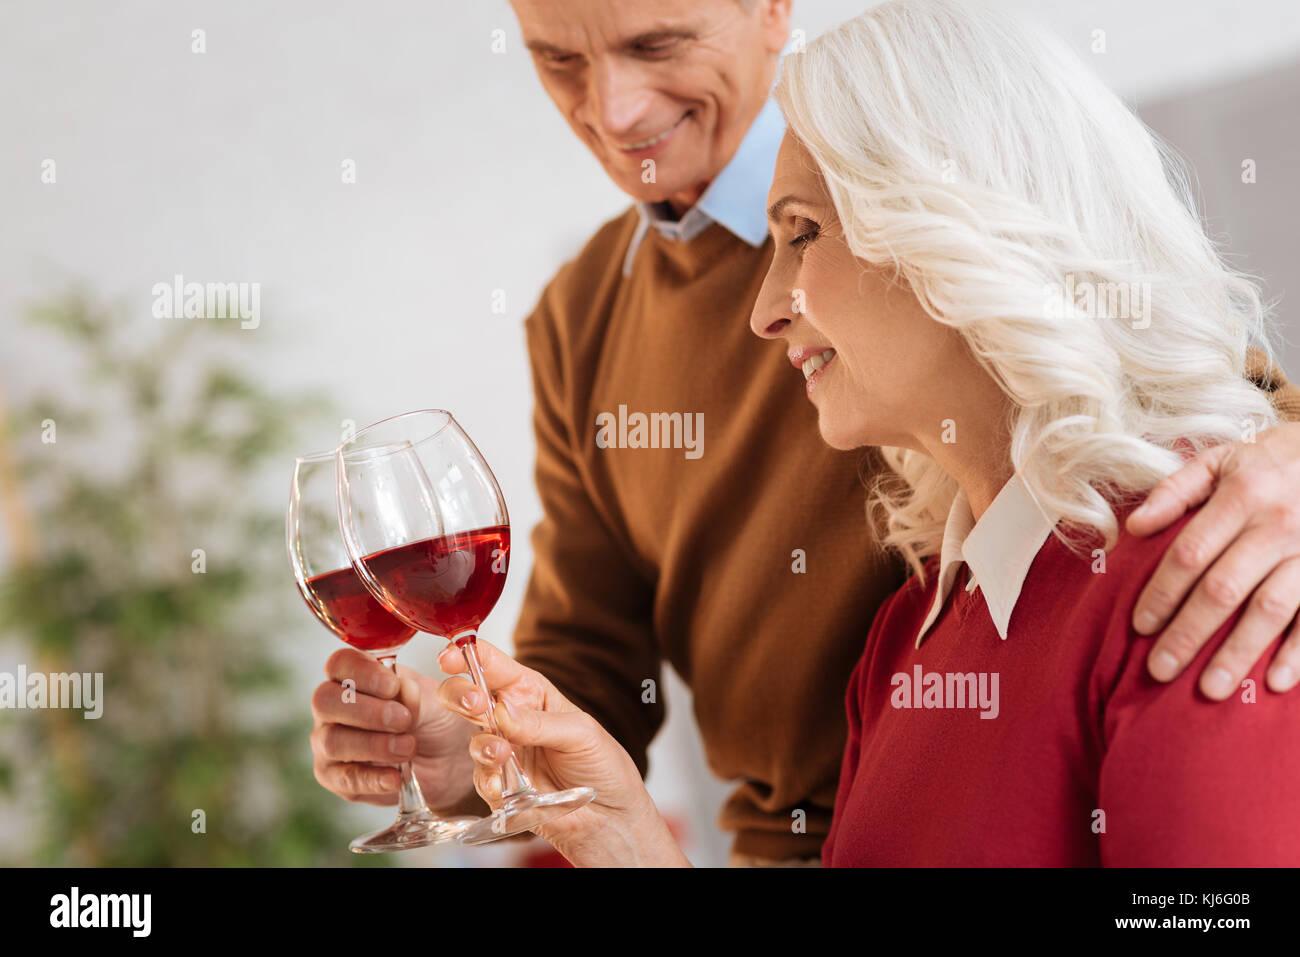 Fröhliches Ehepaar trinken Rotwein Stockbild